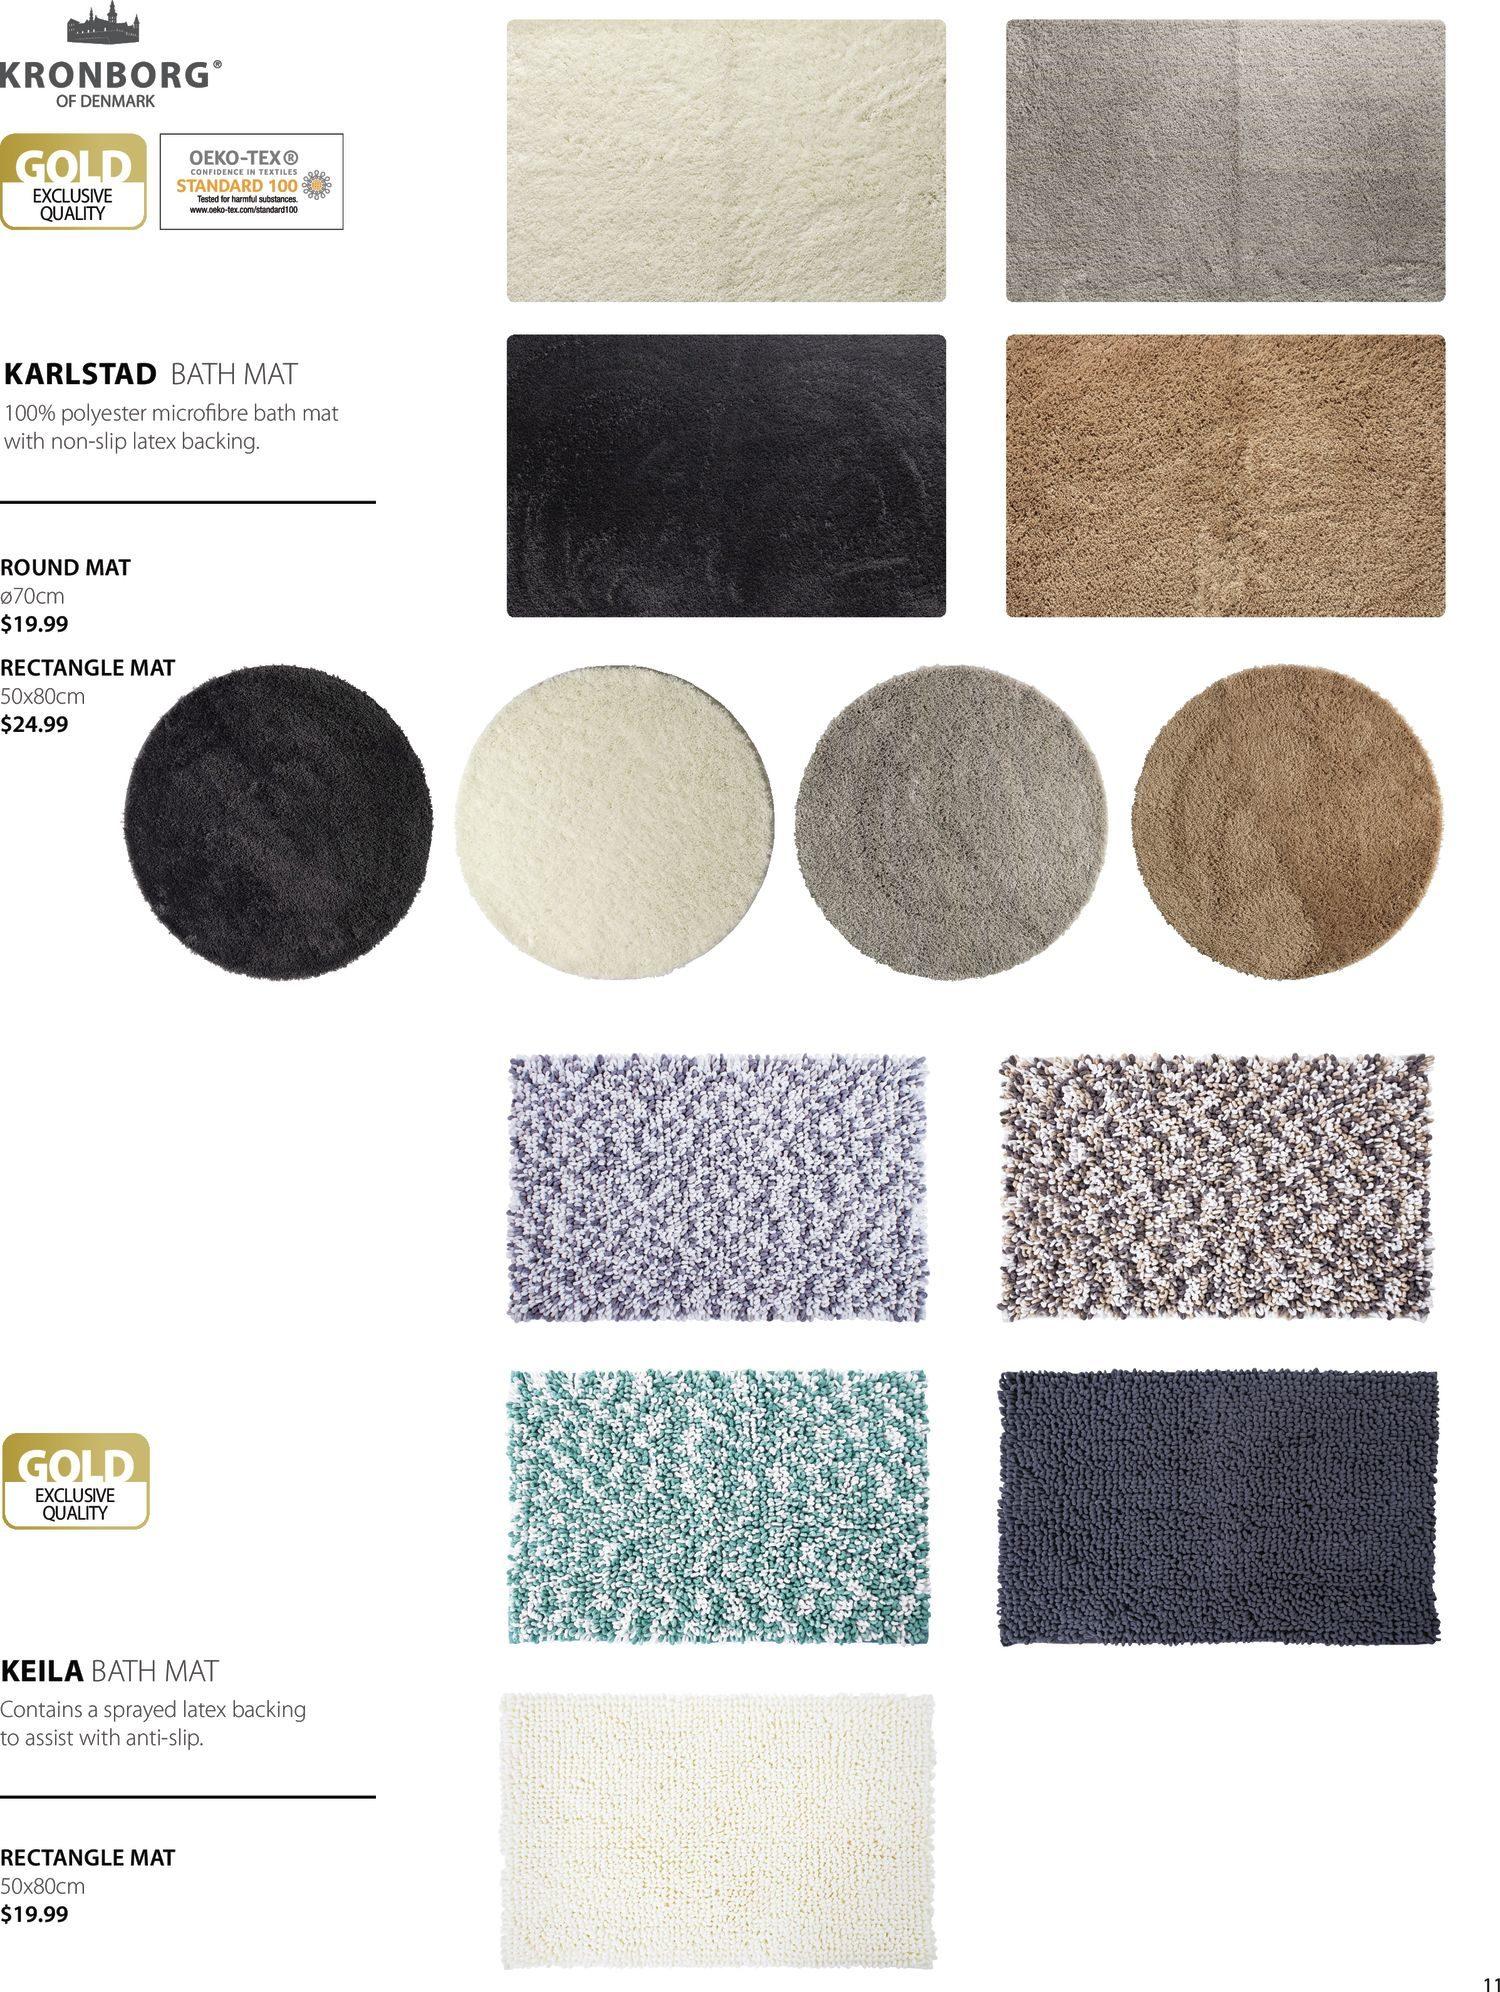 Jysk - Bathroom Accessories Catalogue 2021 - Page 11